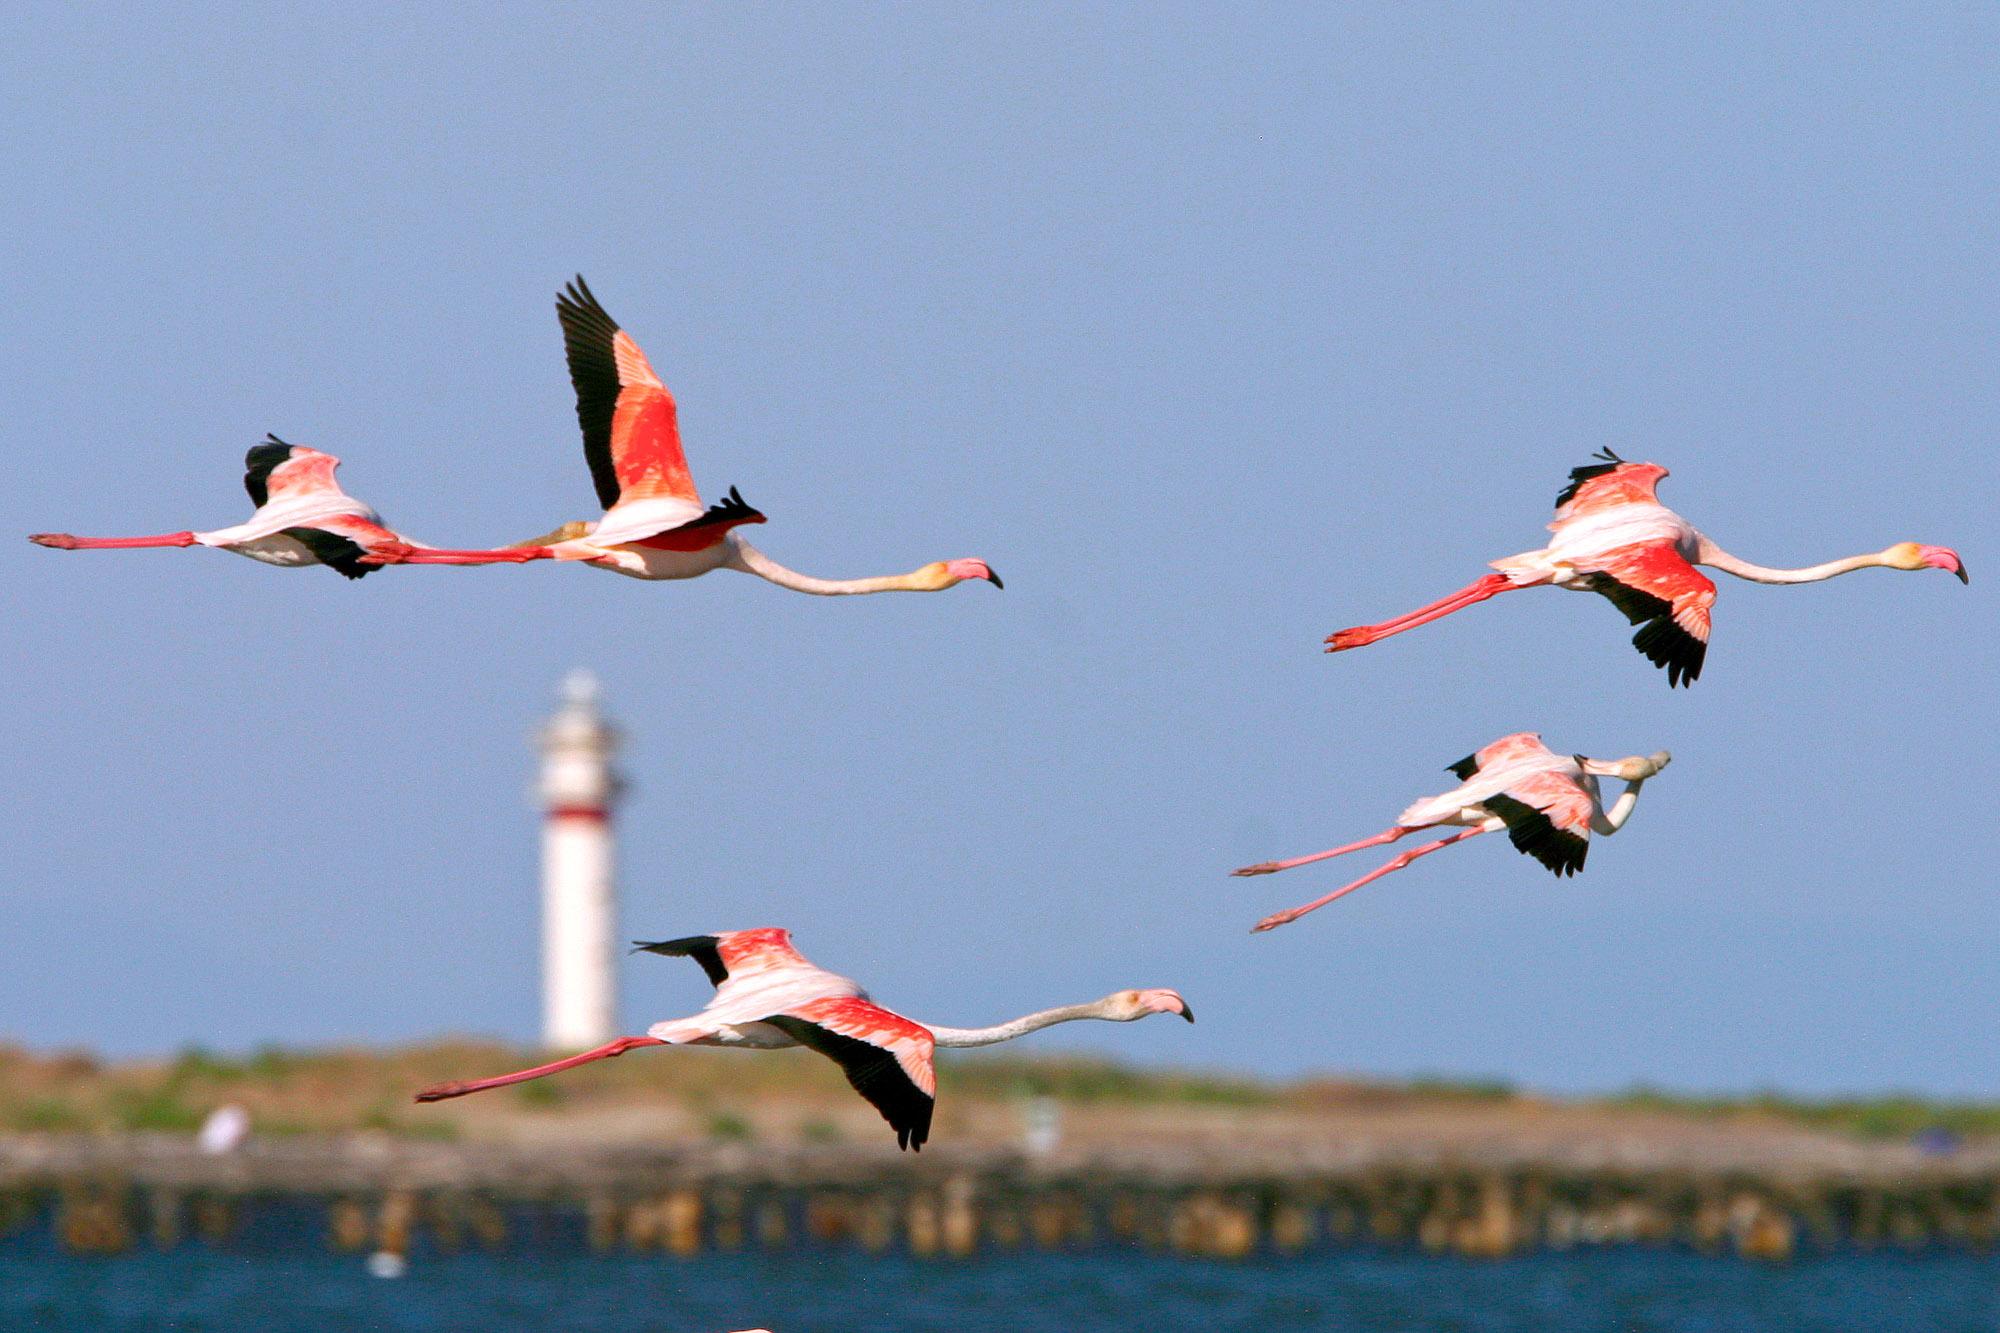 Ici La Terre Se Mlange Leau Pour Crer Un Environnement Idal Les Oiseaux Que Lon Clbre Au Cours Du Delta Birding Festival 21